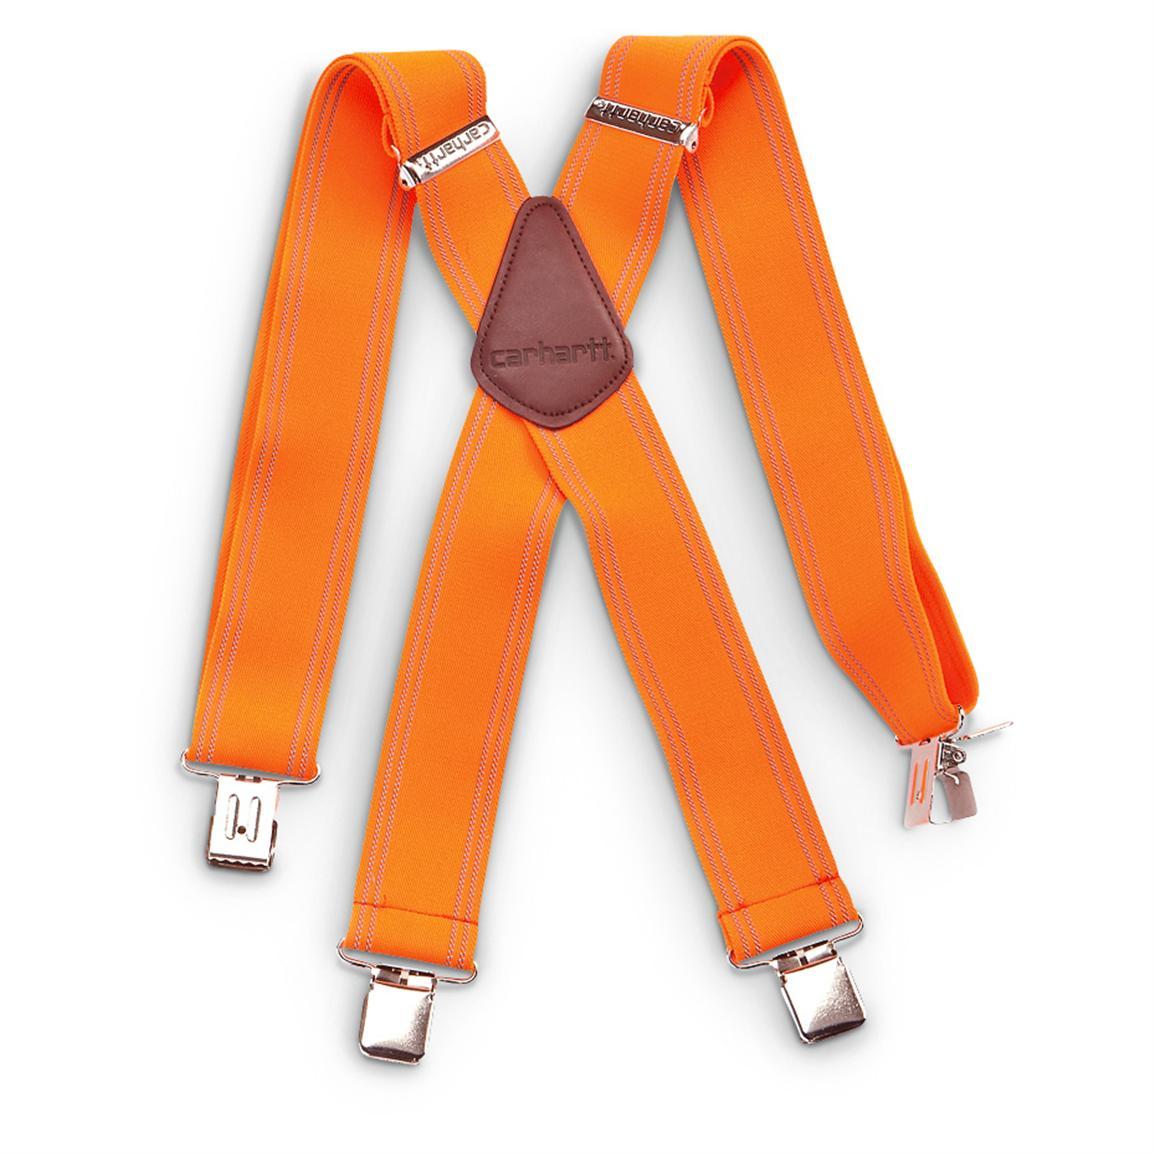 Carhartt suspenders